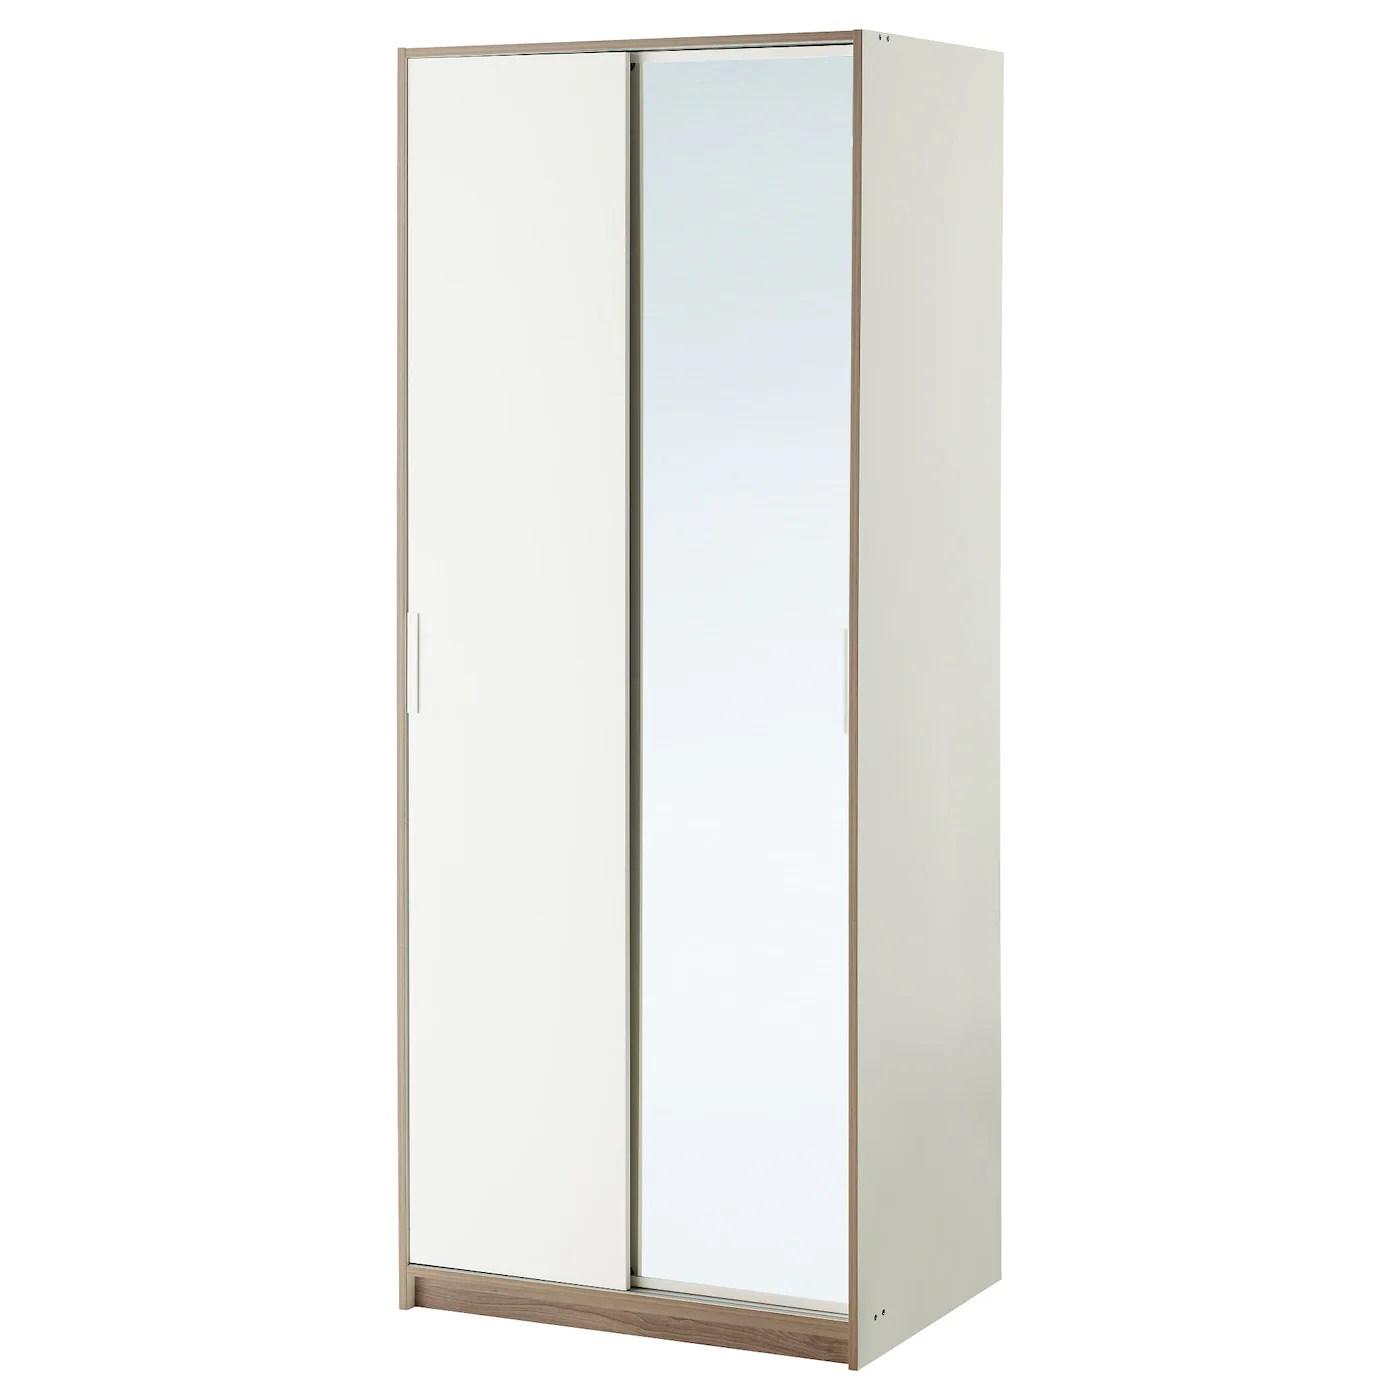 TRYSIL Wardrobe Whitemirror Glass 79 X 61 X 202 Cm IKEA